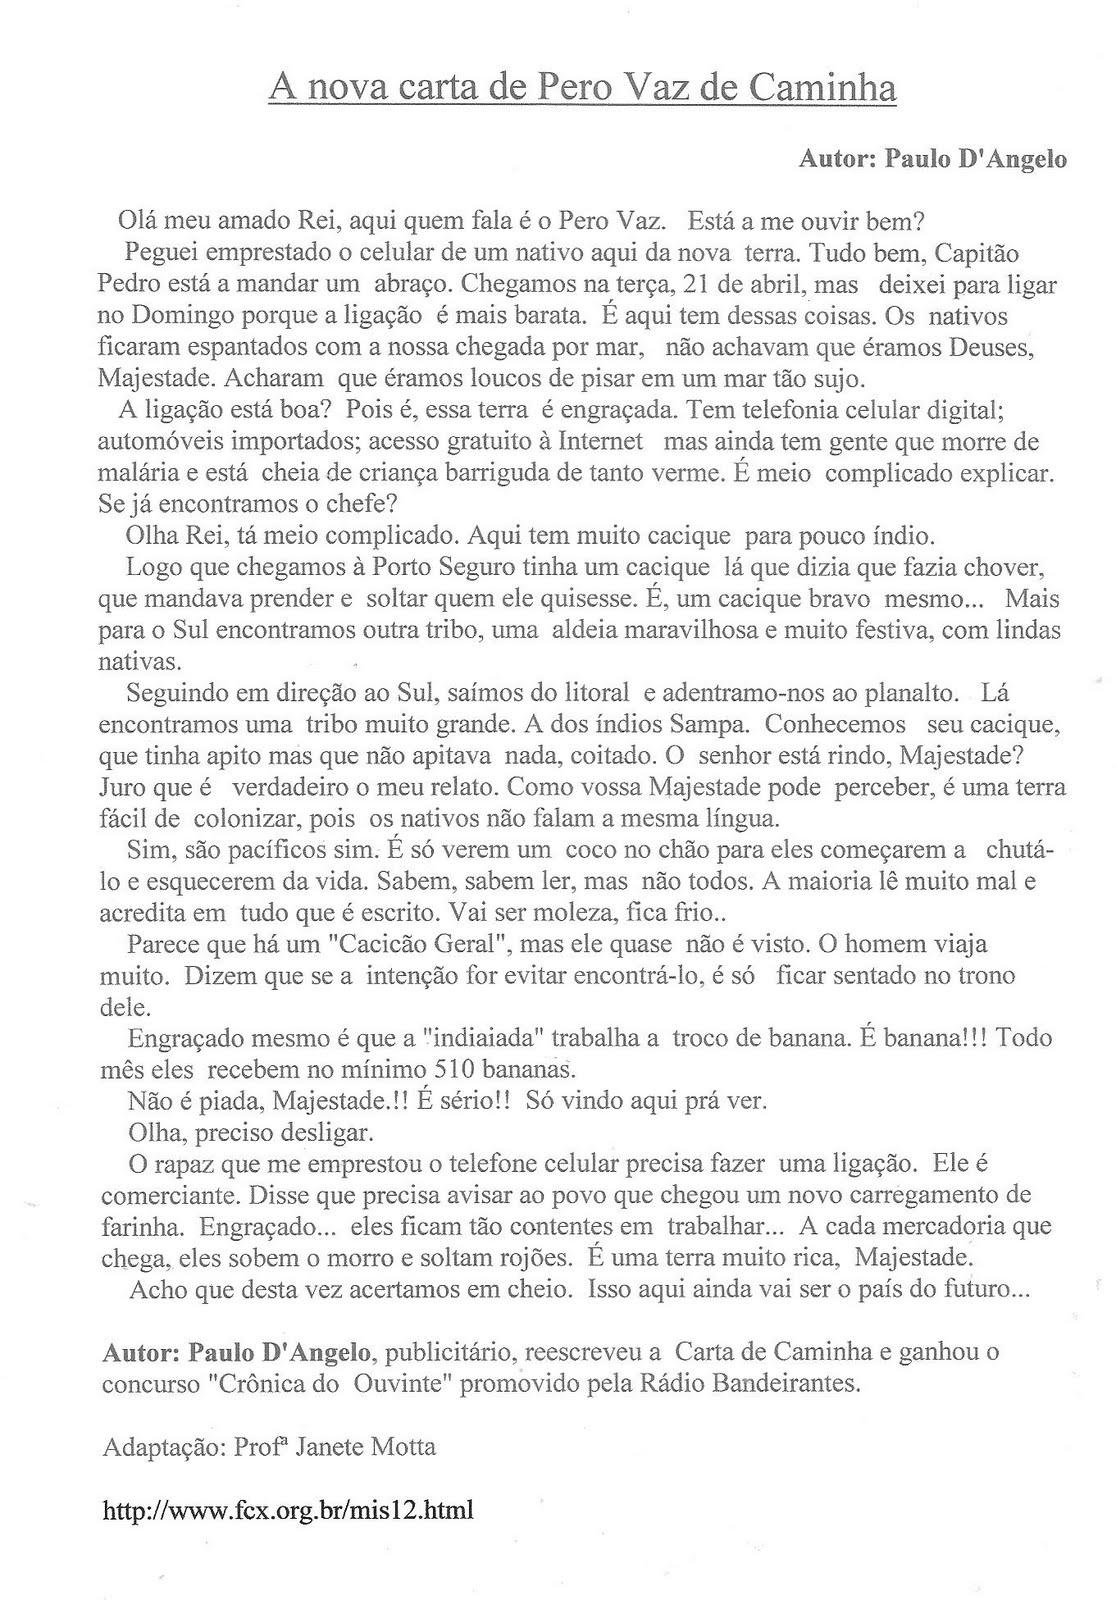 """turmadaprofejanete: """"A NOVA CARTA DE PERO VAZ DE CAMINHA"""""""